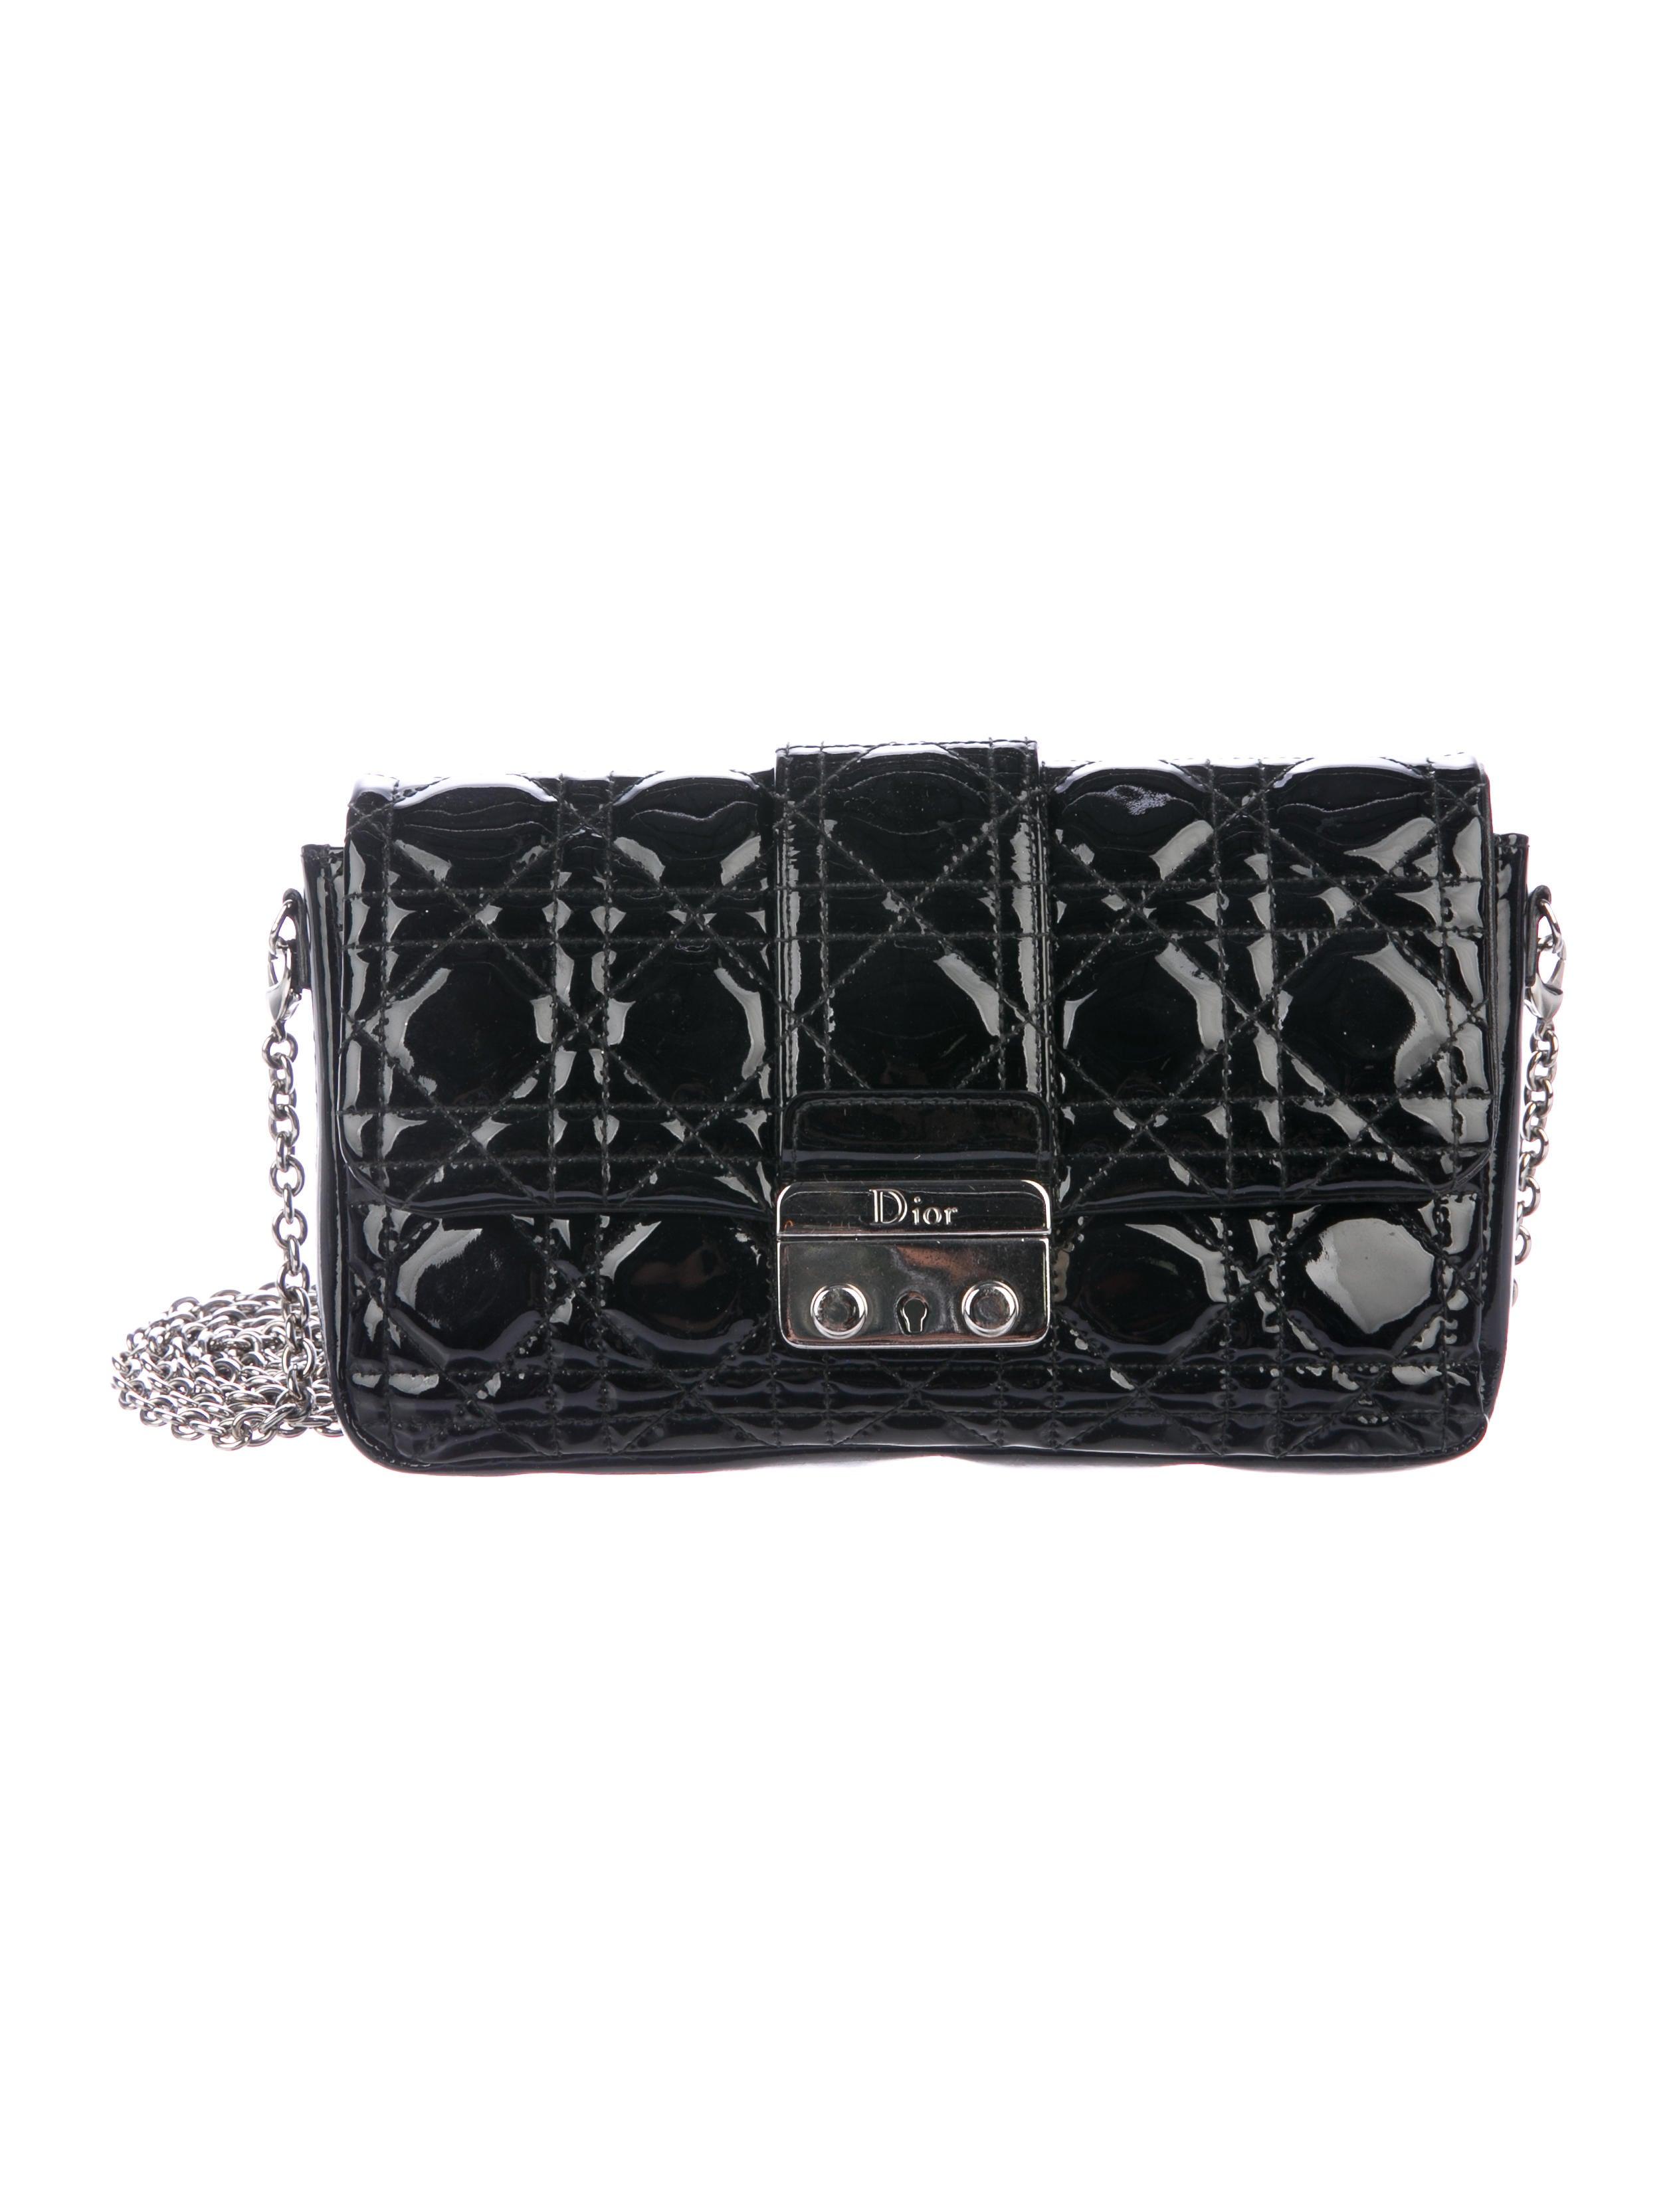 ab22e72fb92 Christian Dior Miss Dior Promenade Pouch Bag - Handbags - CHR98111 ...